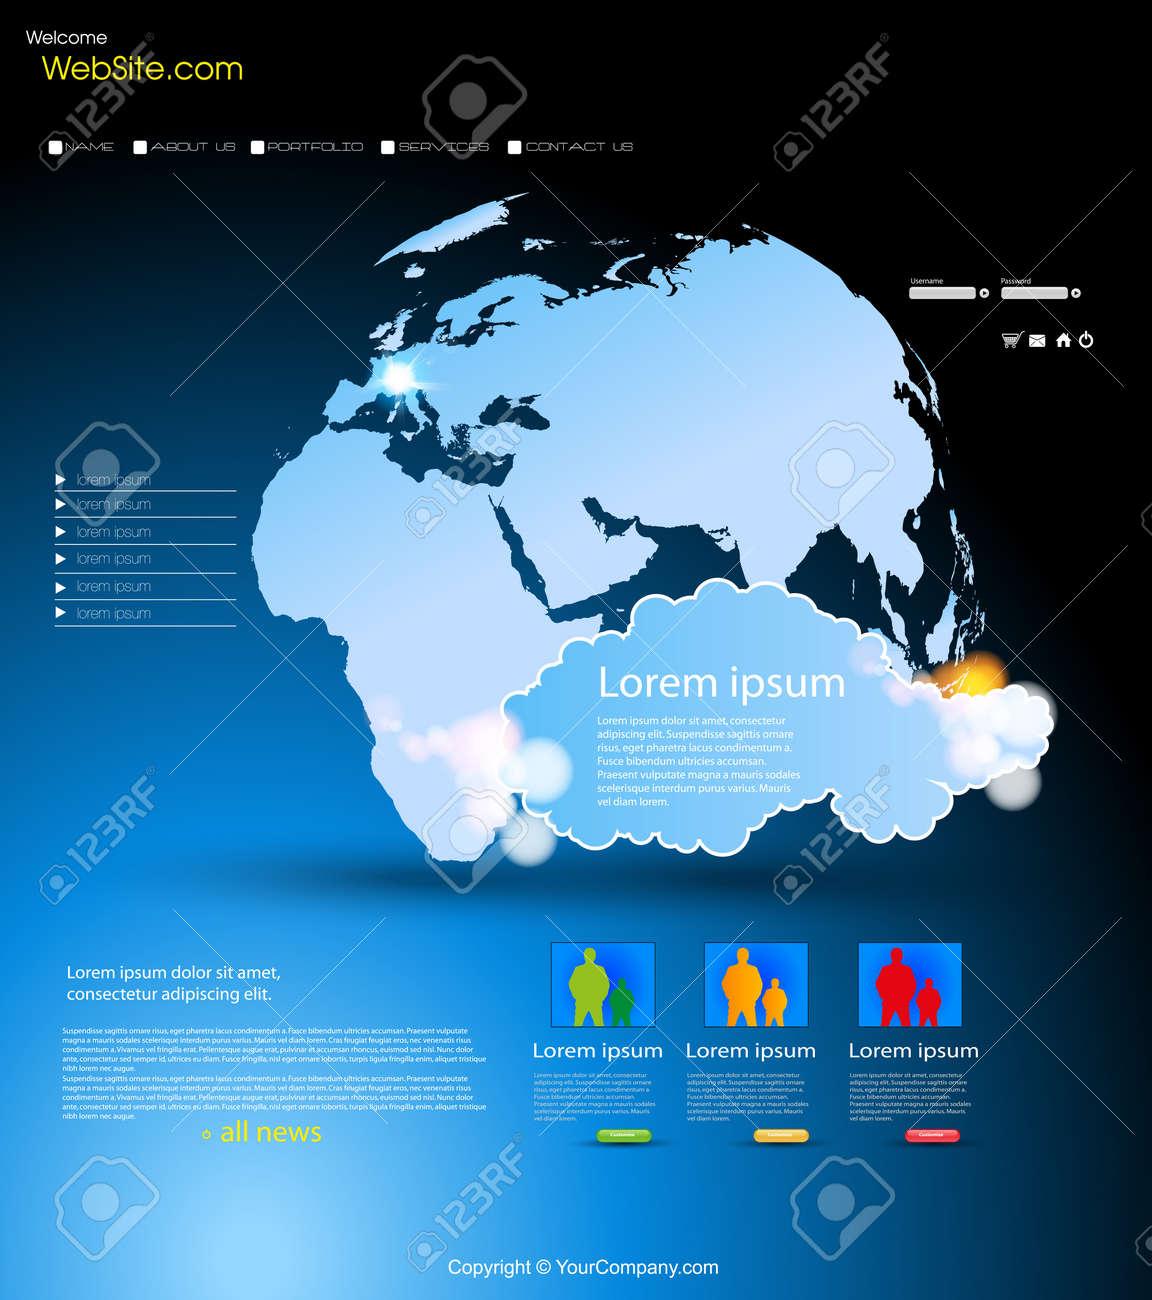 Website Design Template Stock Vector - 12061352